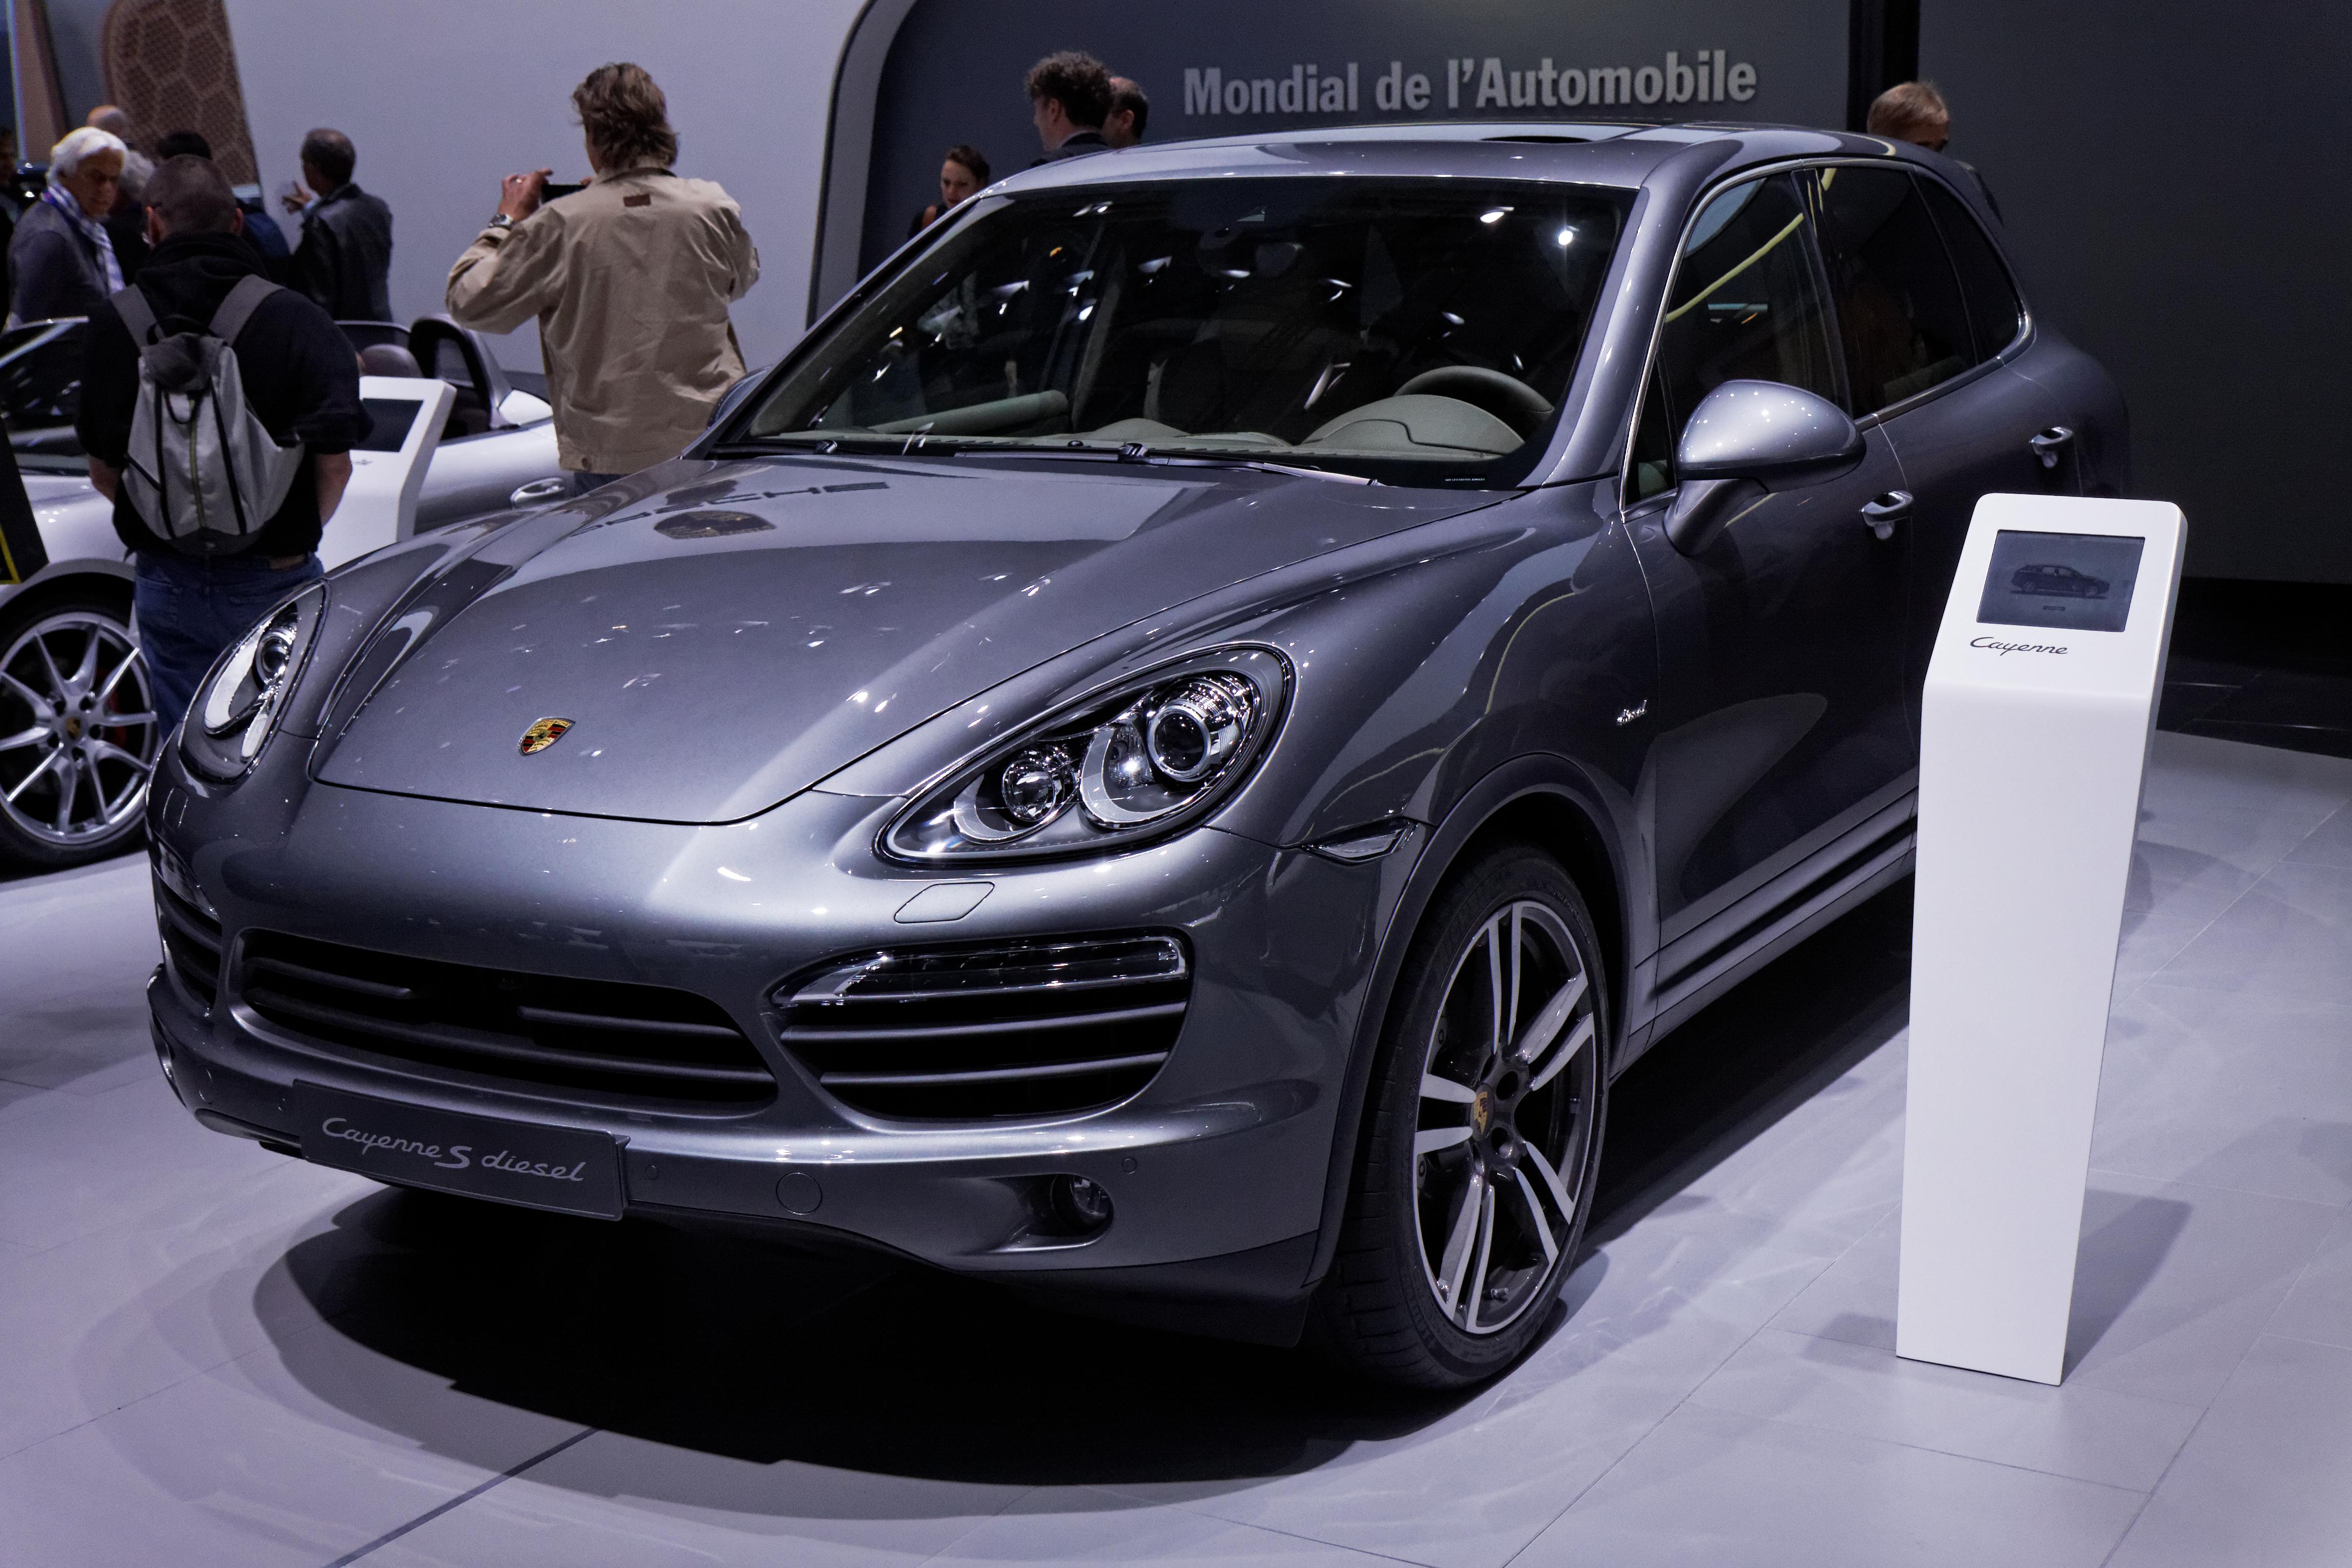 file porsche cayenne s diesel mondial de l 39 automobile de paris 2012 wikimedia